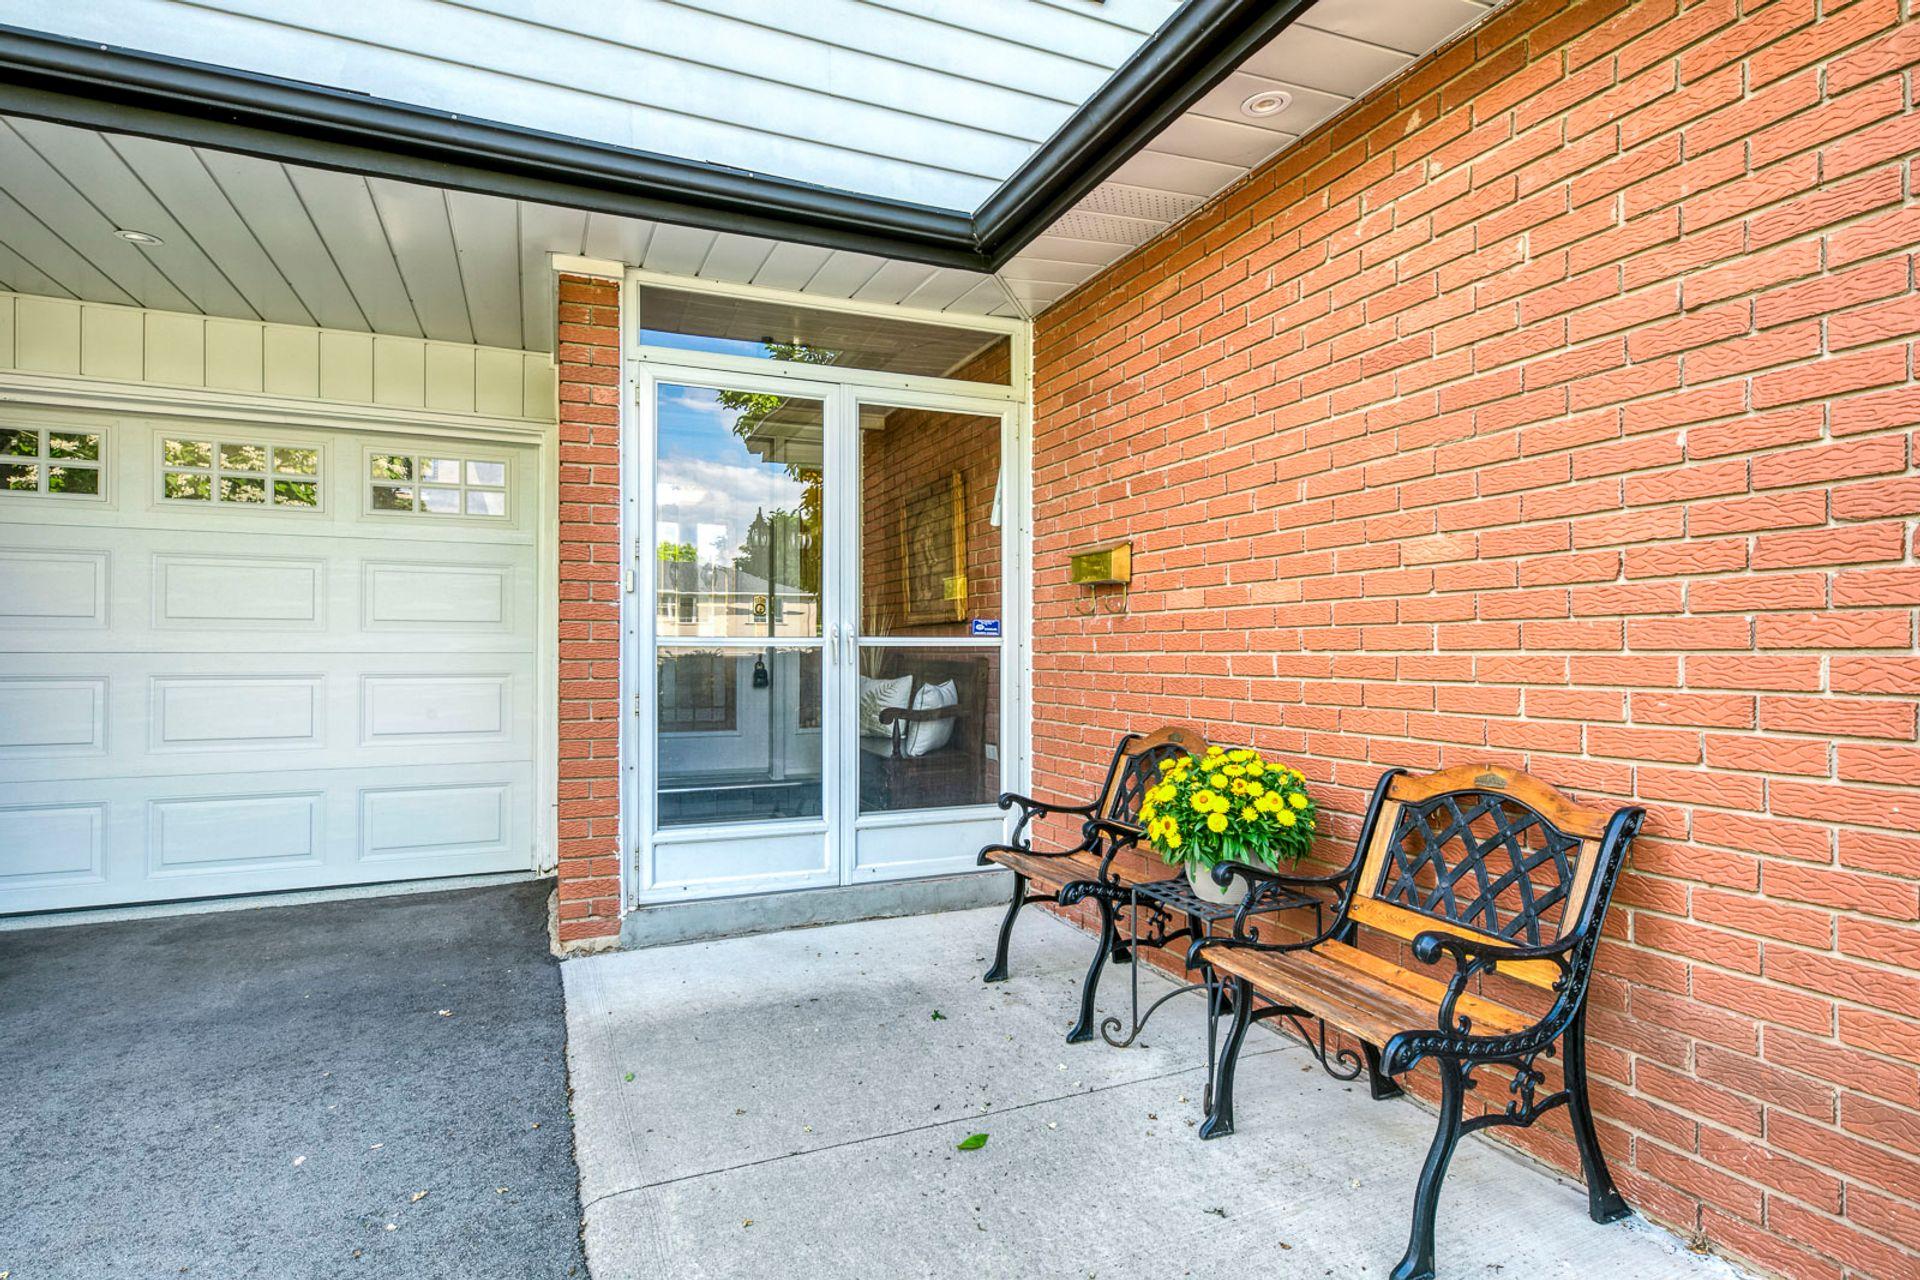 Front Porch - 1246 Landfair Cres, Oakville - Elite3 & Team at 1246 Landfair Crescent, Iroquois Ridge South, Oakville